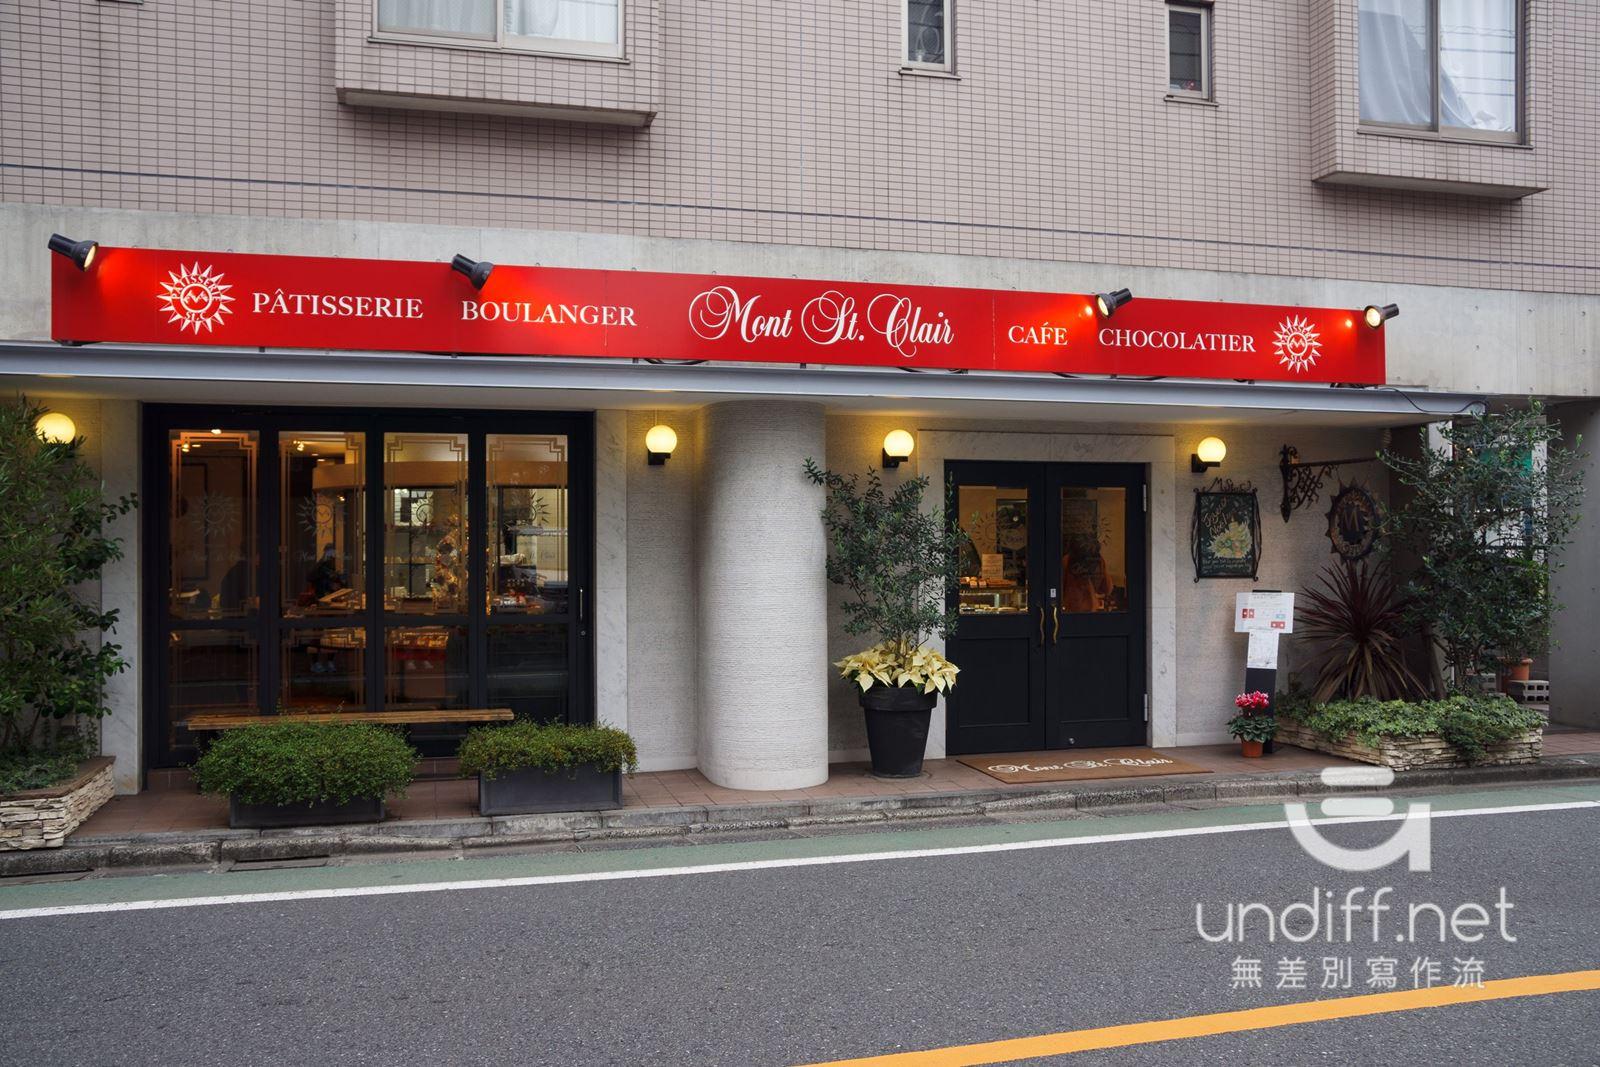 【東京美食】自由之丘 Mont St. Clair 》名不虛傳的人氣甜點名店 4